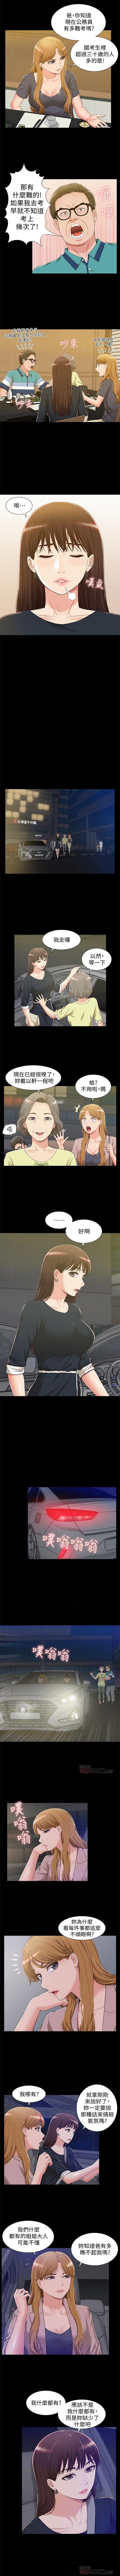 (周4)难言之隐 1-19 中文翻译(更新中) 42